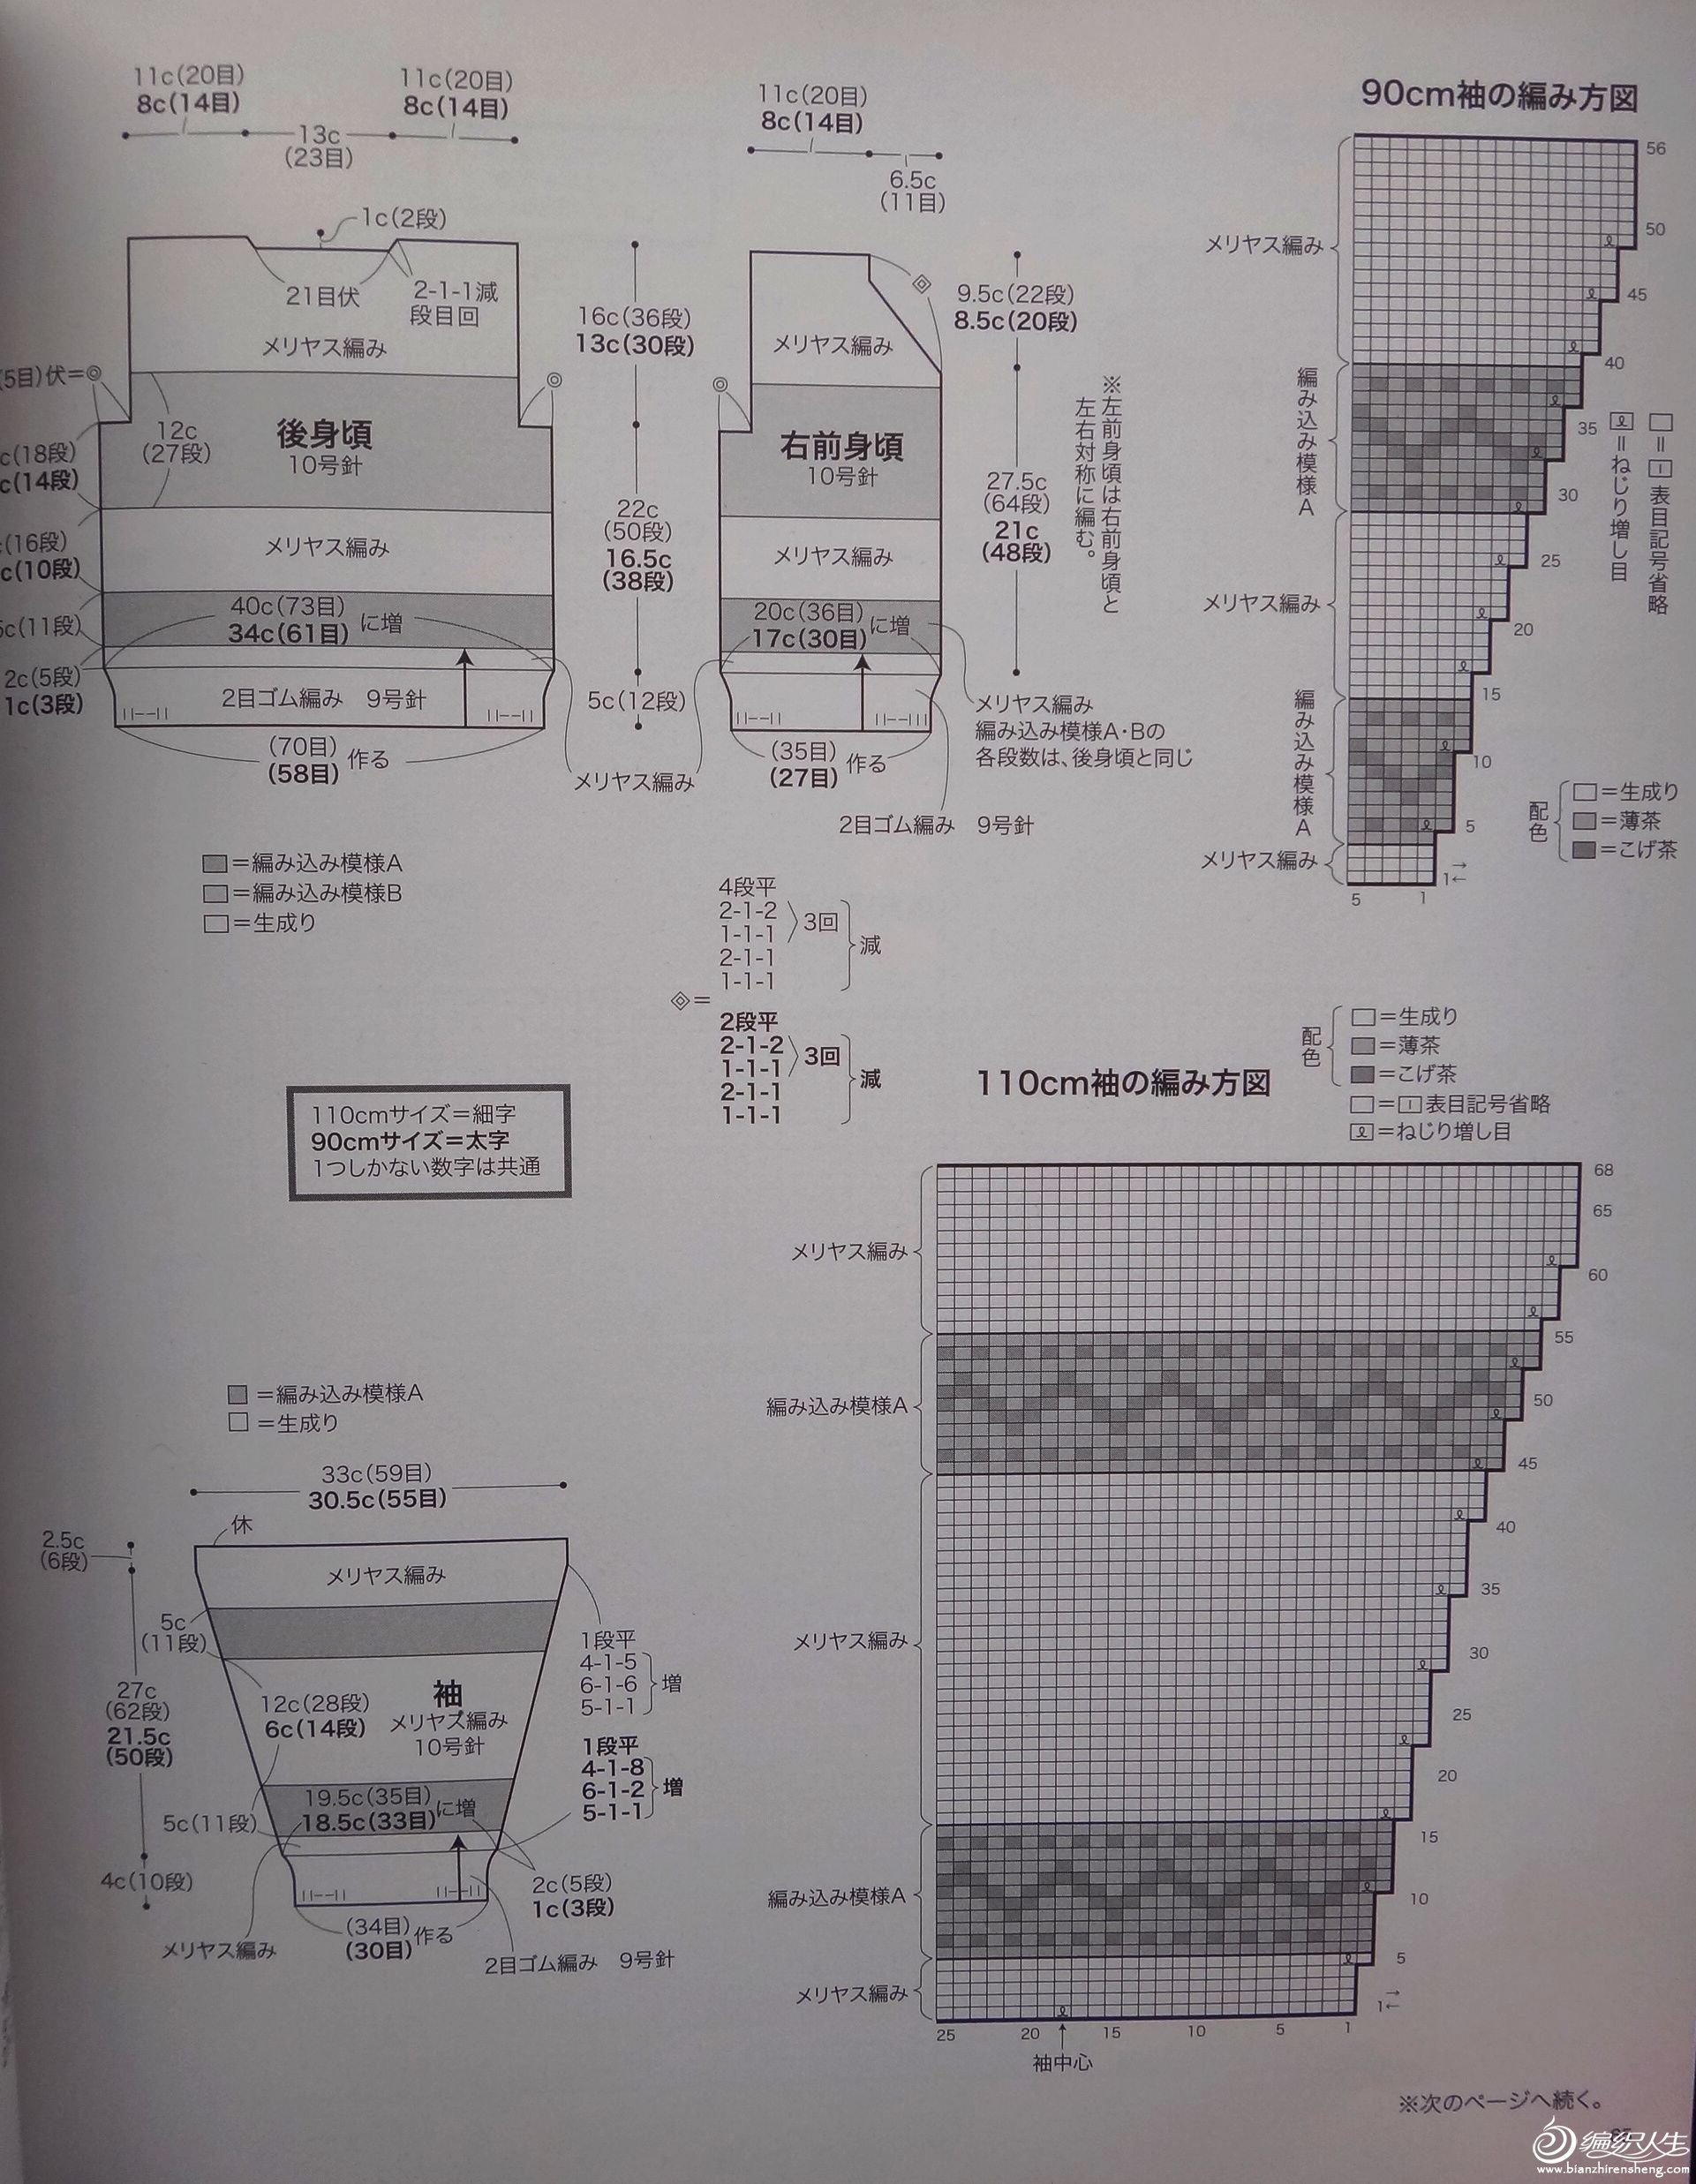 宠爱图解 (2).JPG